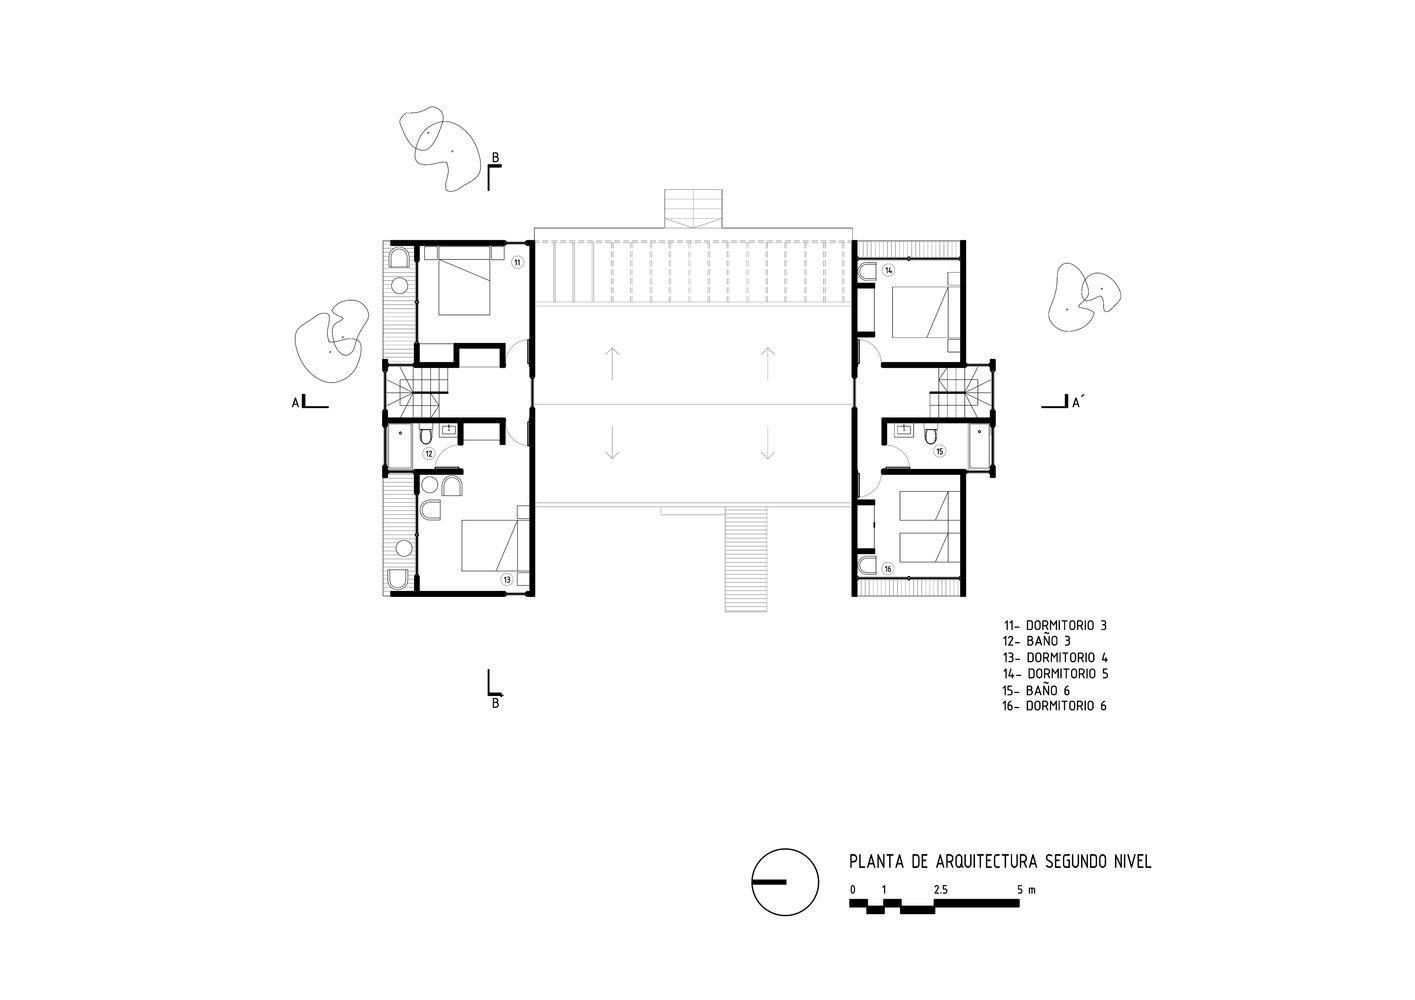 Galeria De Domo Panguipulli Domo Habitare Piffardi Aravena Arquitectos 17 House Plans Sips Panels Dome